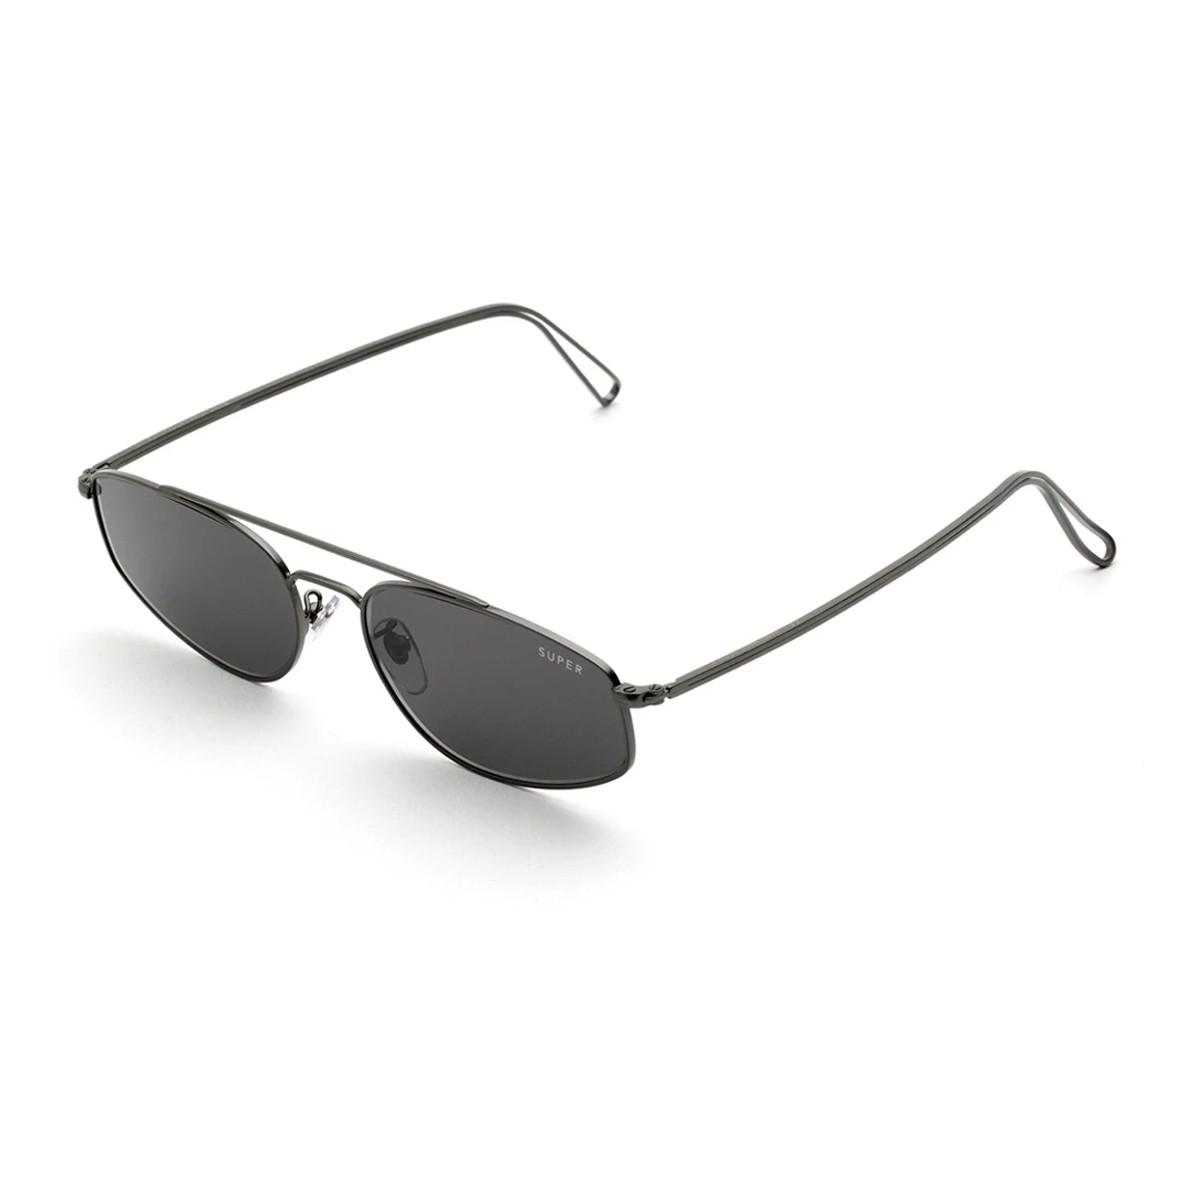 Super Tema | Unisex sunglasses